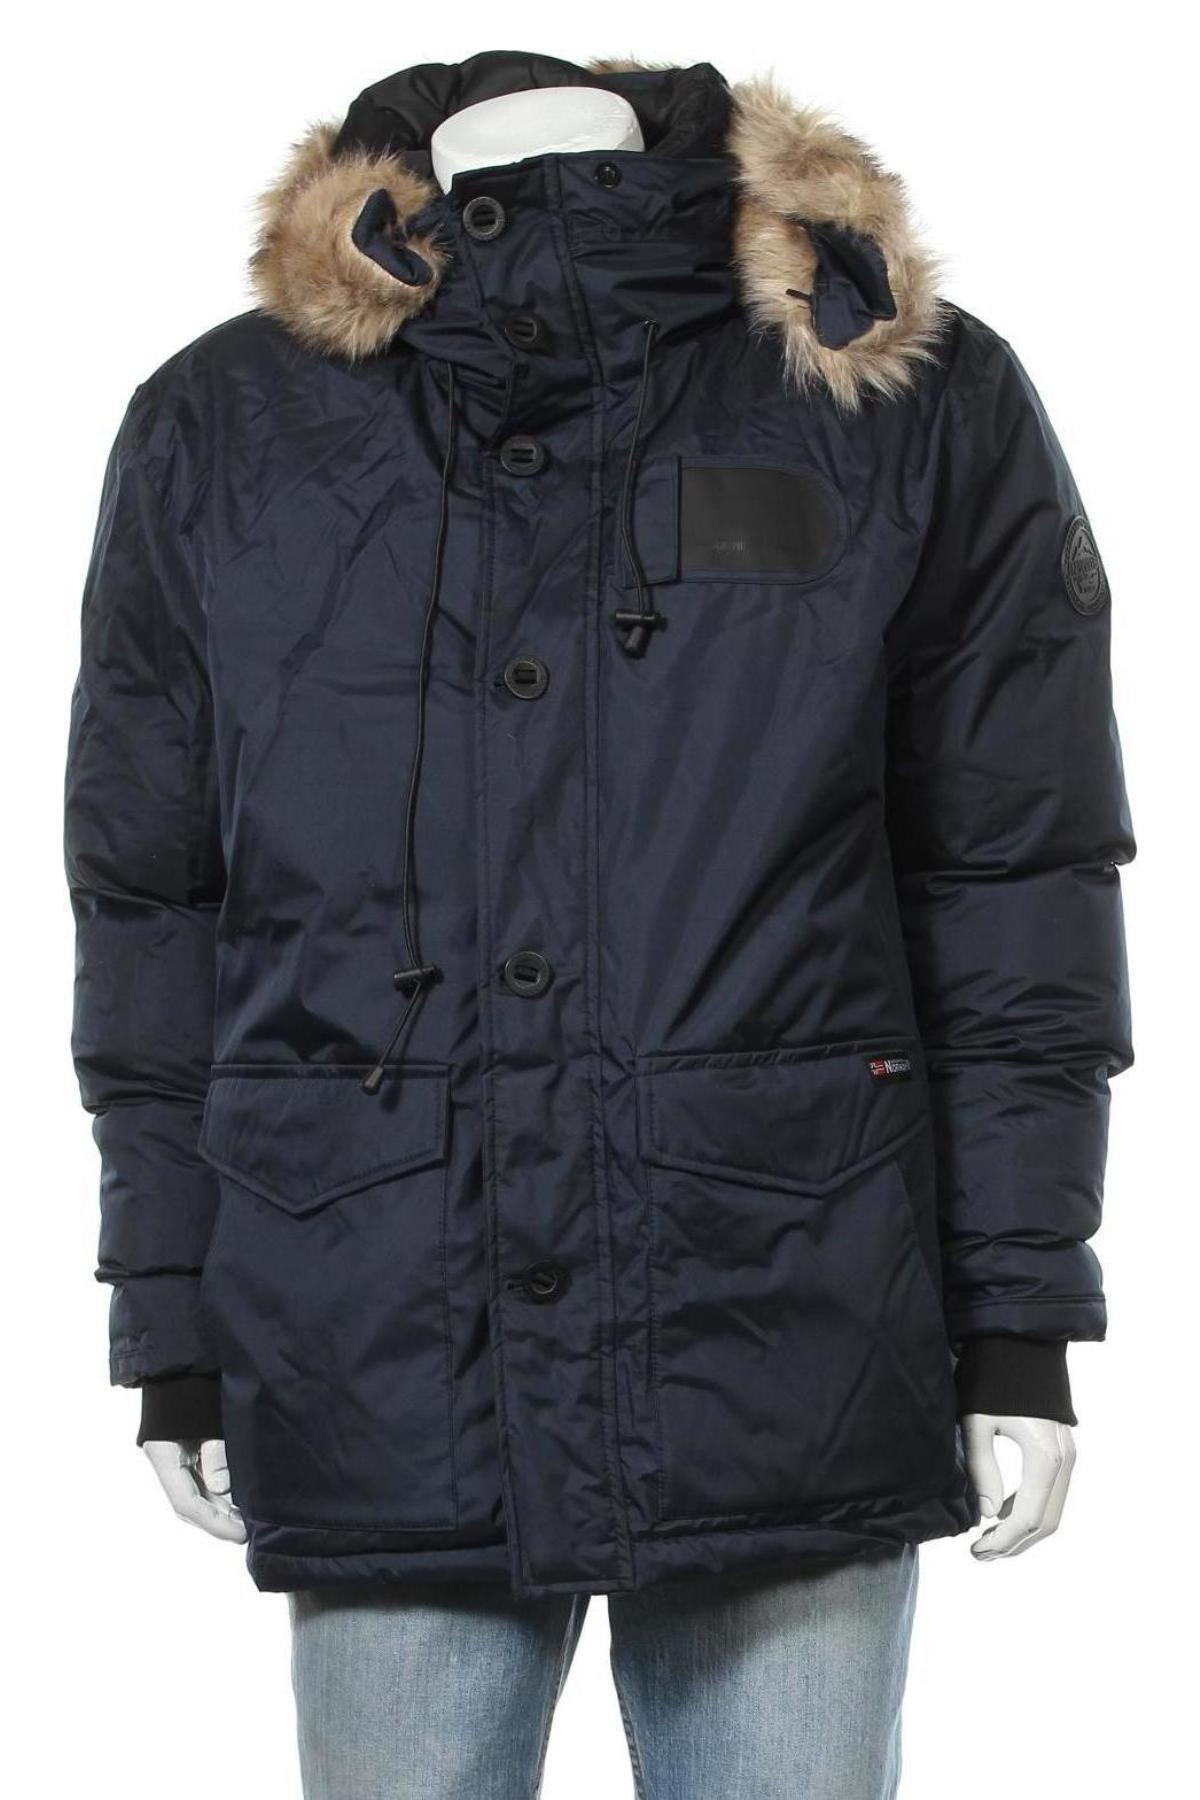 Мъжко яке Geographical Norway, Размер L, Цвят Син, Полиестер, Цена 246,75лв.